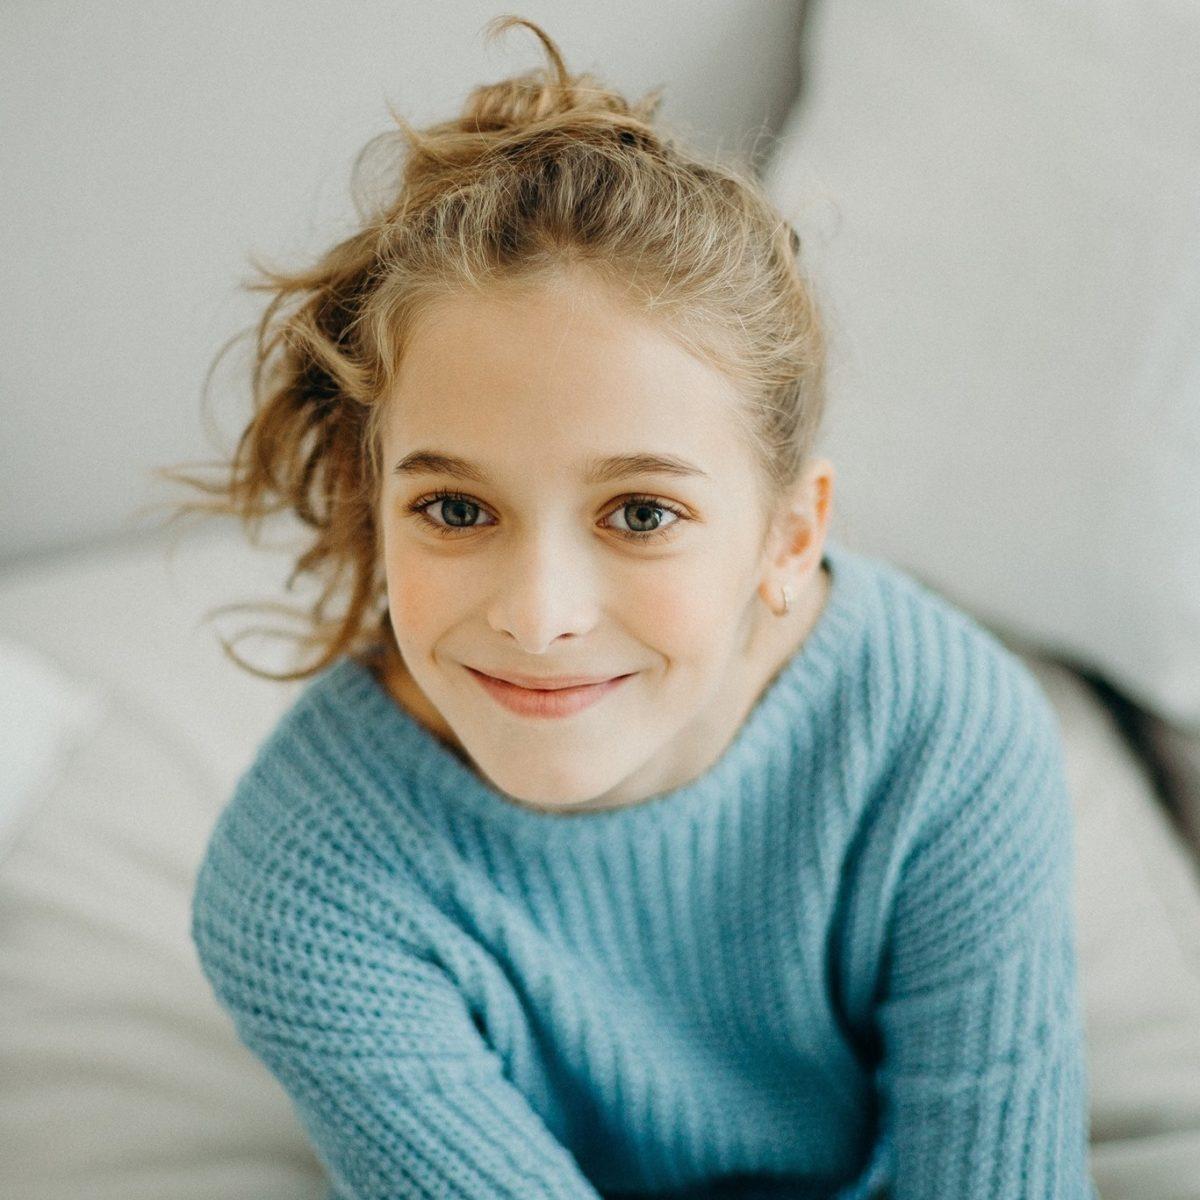 Réfléchissons à l'Usage du Masque pour nos Enfants